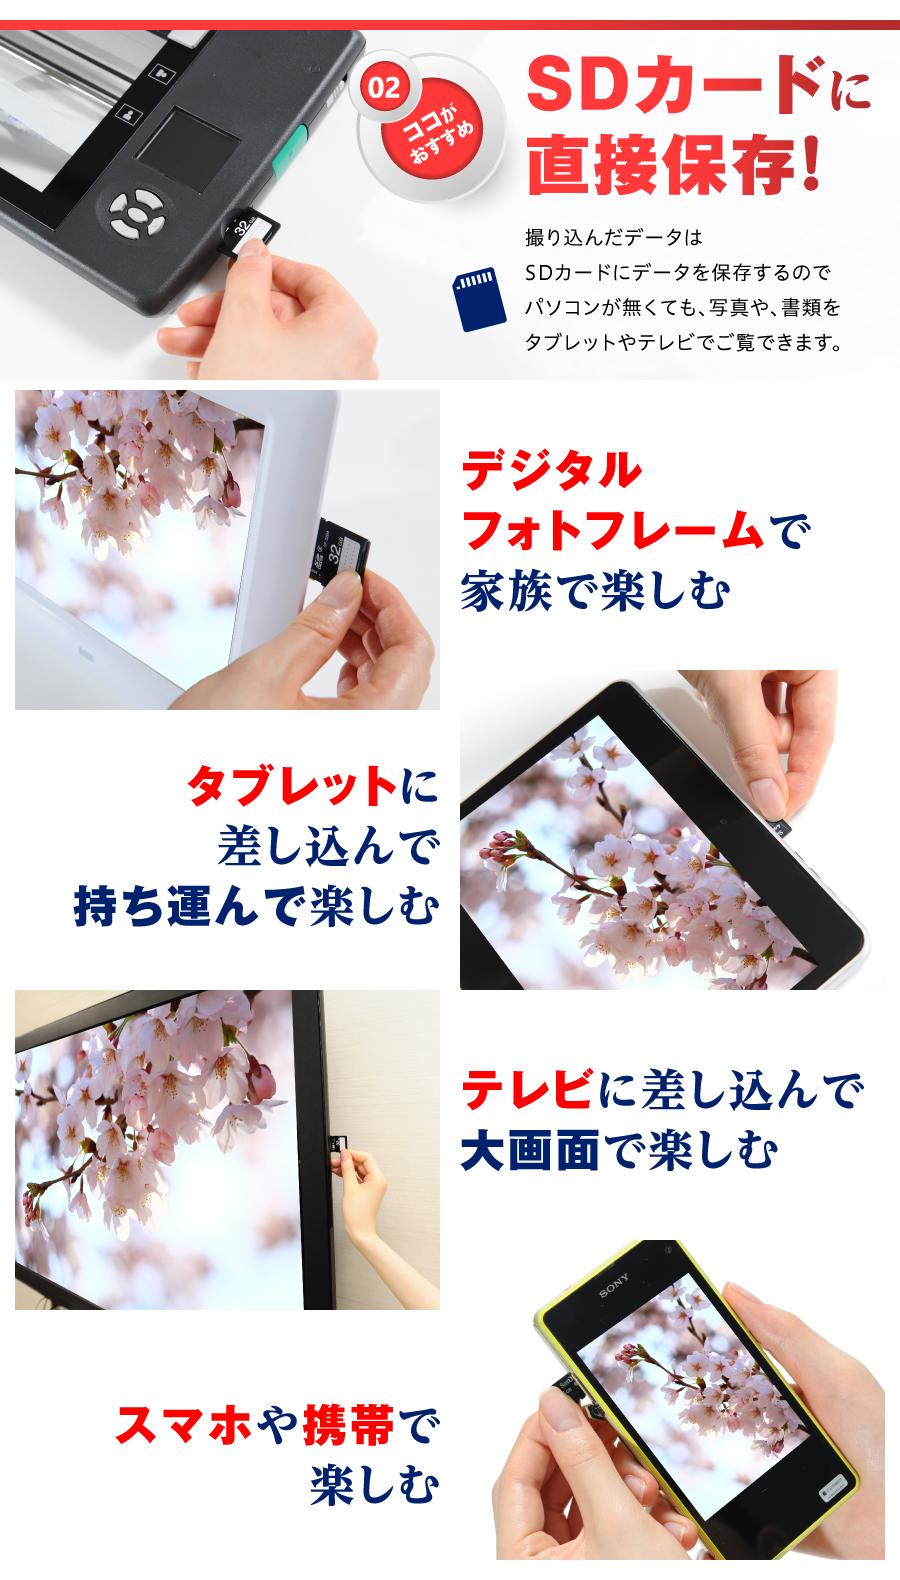 ToRiZoスキャナ(A6・ハガキサイズ) SDカードに直接保存。デジタルフォトフレーム・タブレット・テレビ・スマホで楽しめる